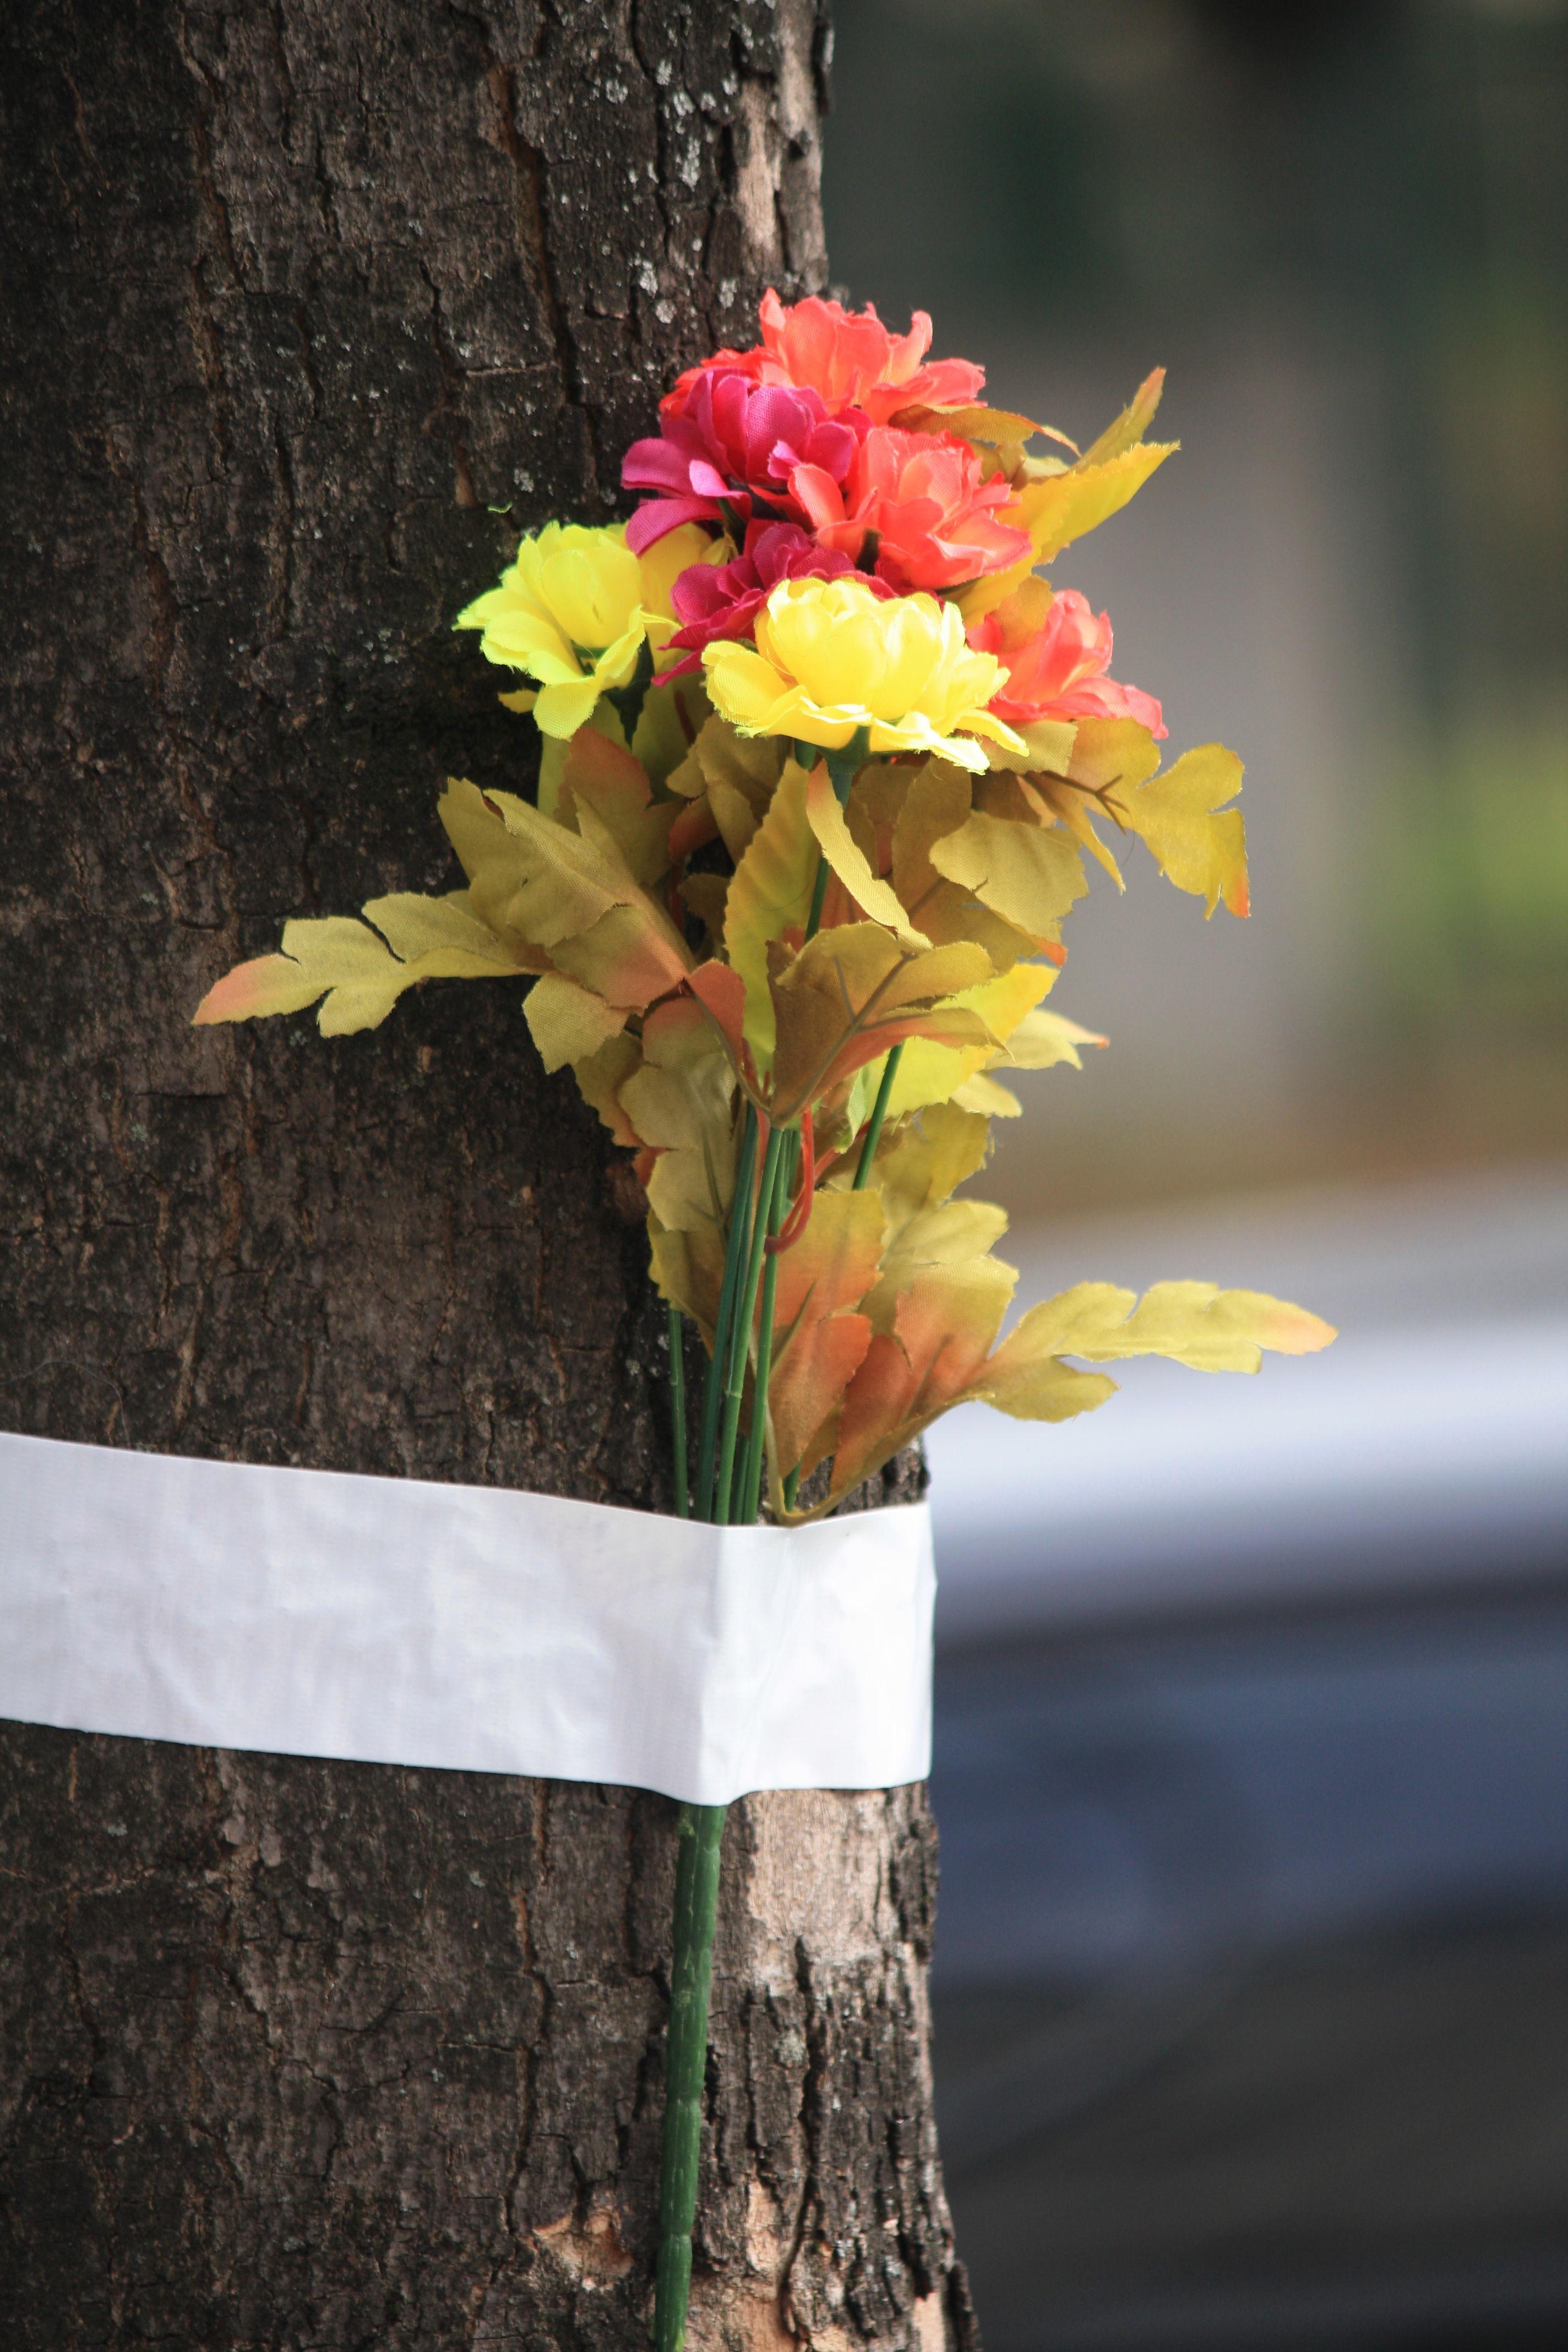 floral-prevention-link